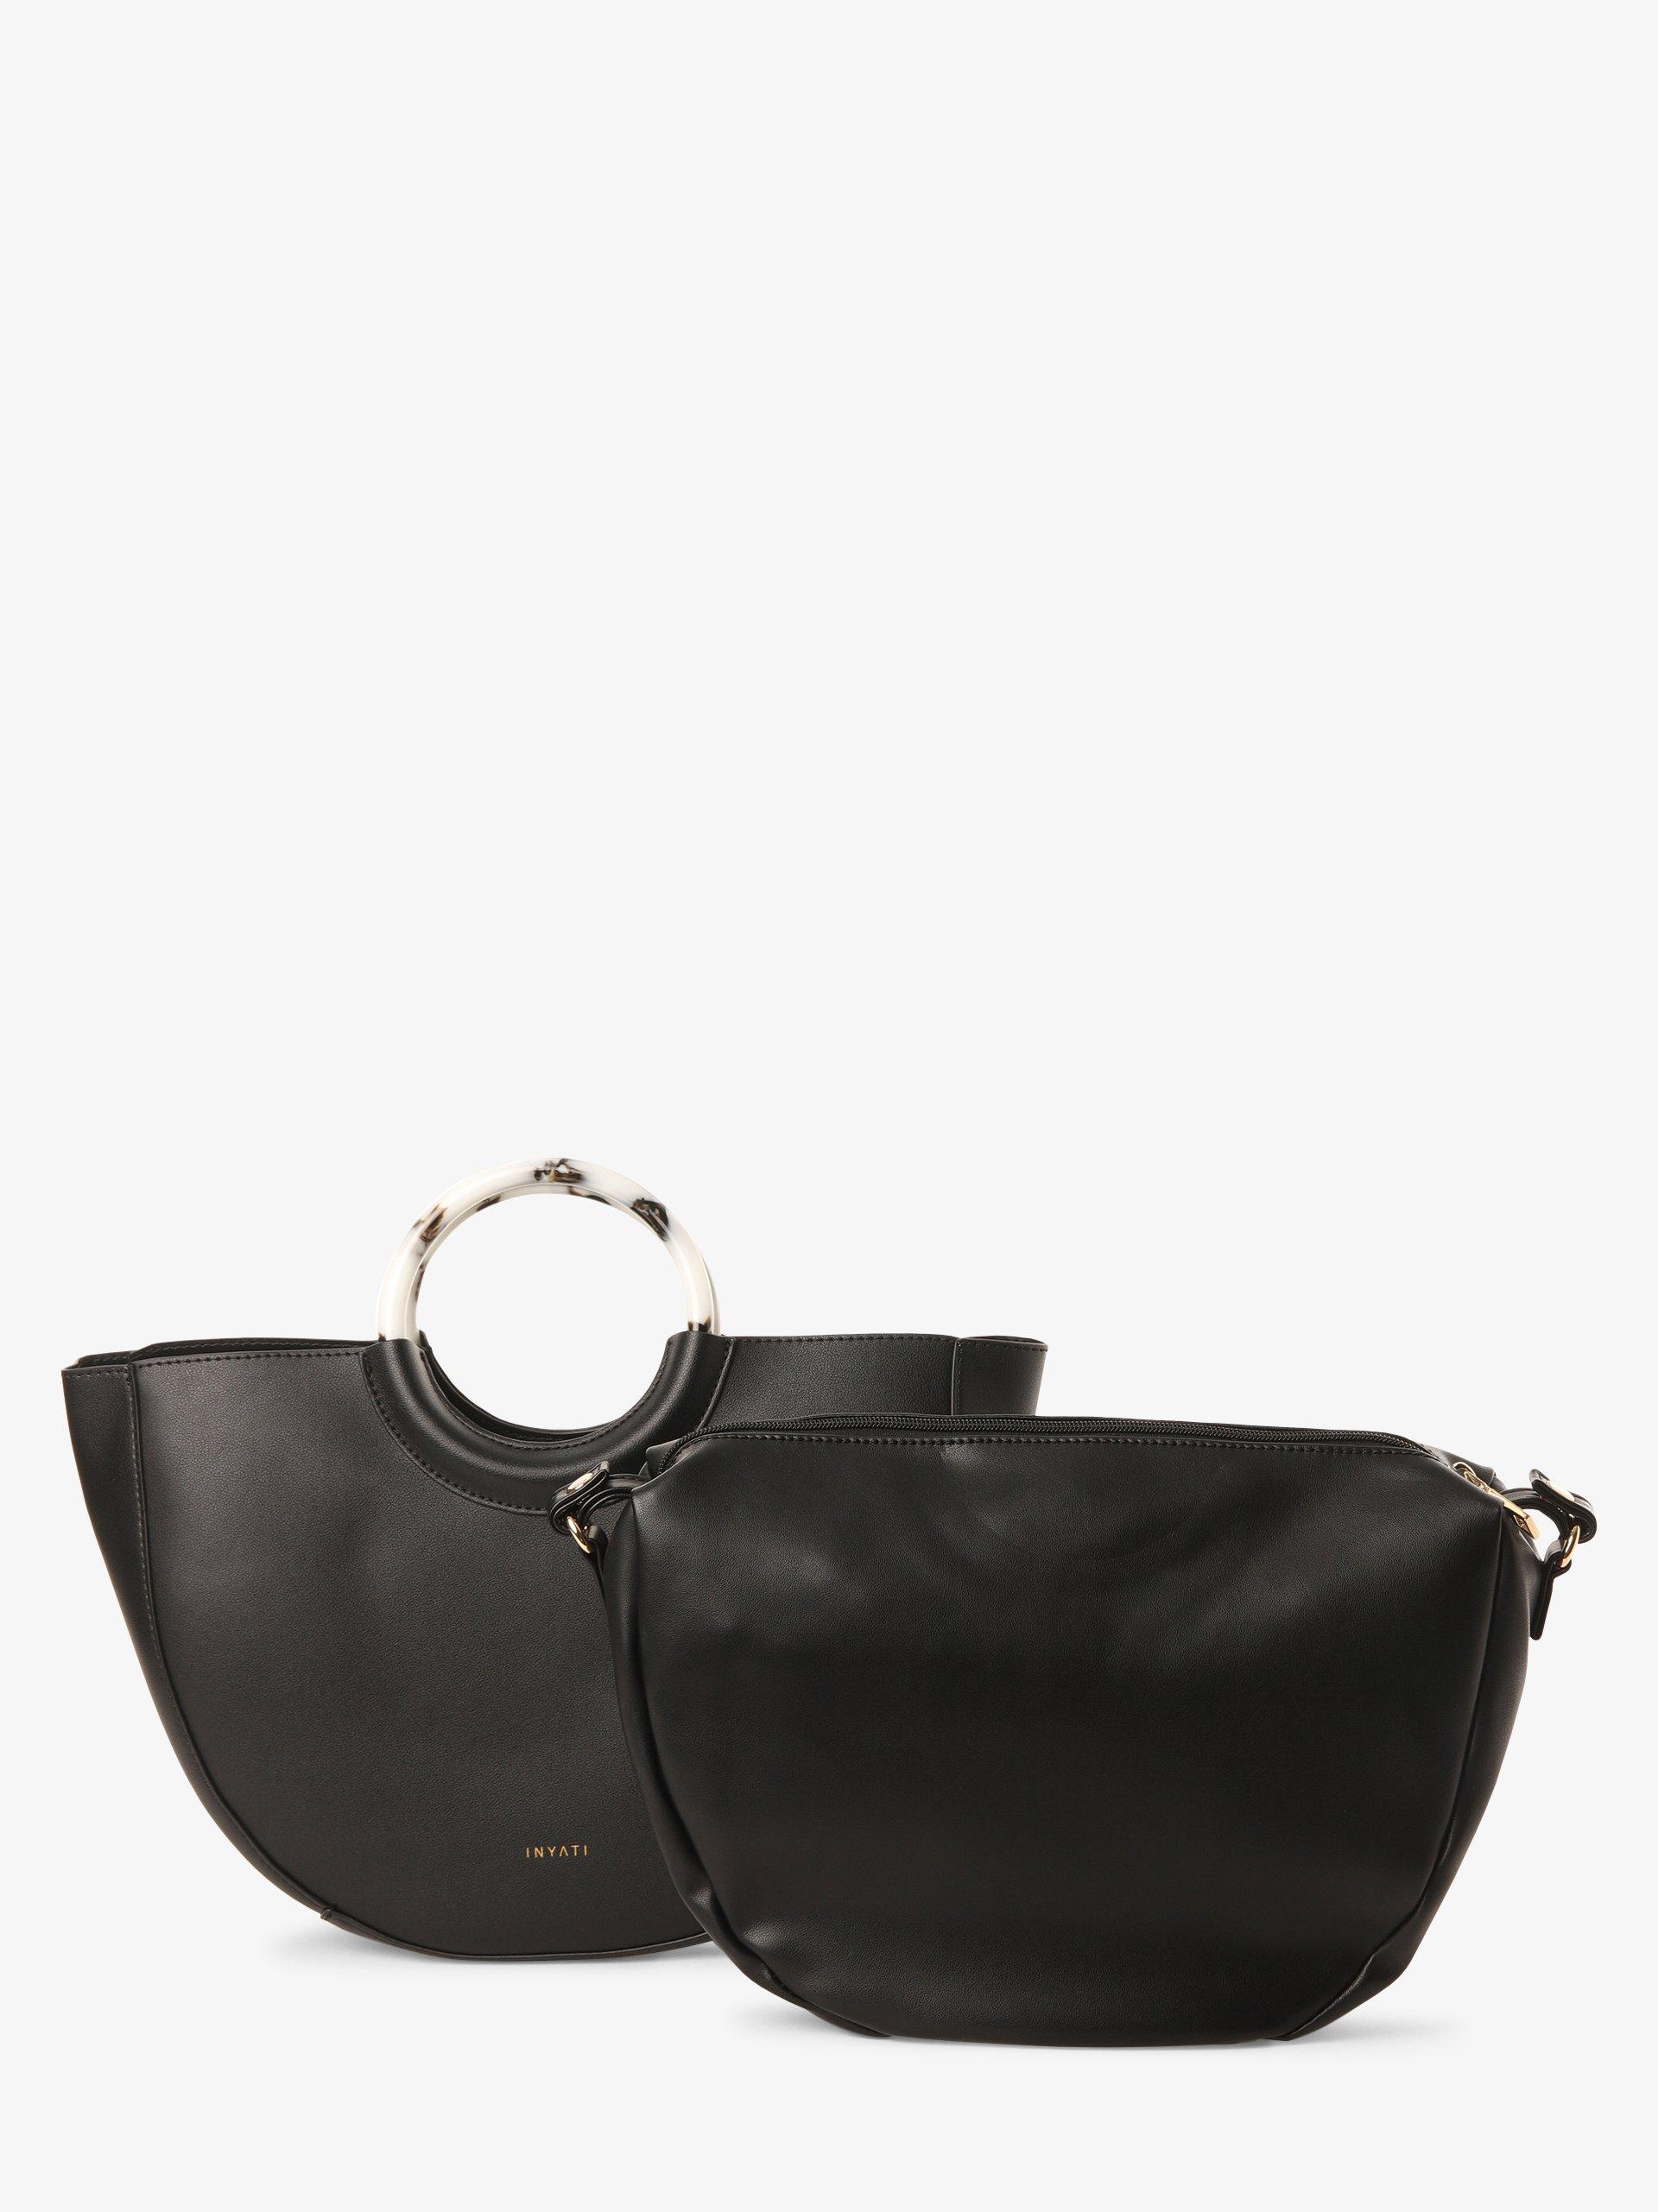 Inyati Damen Handtasche mit Innentasche